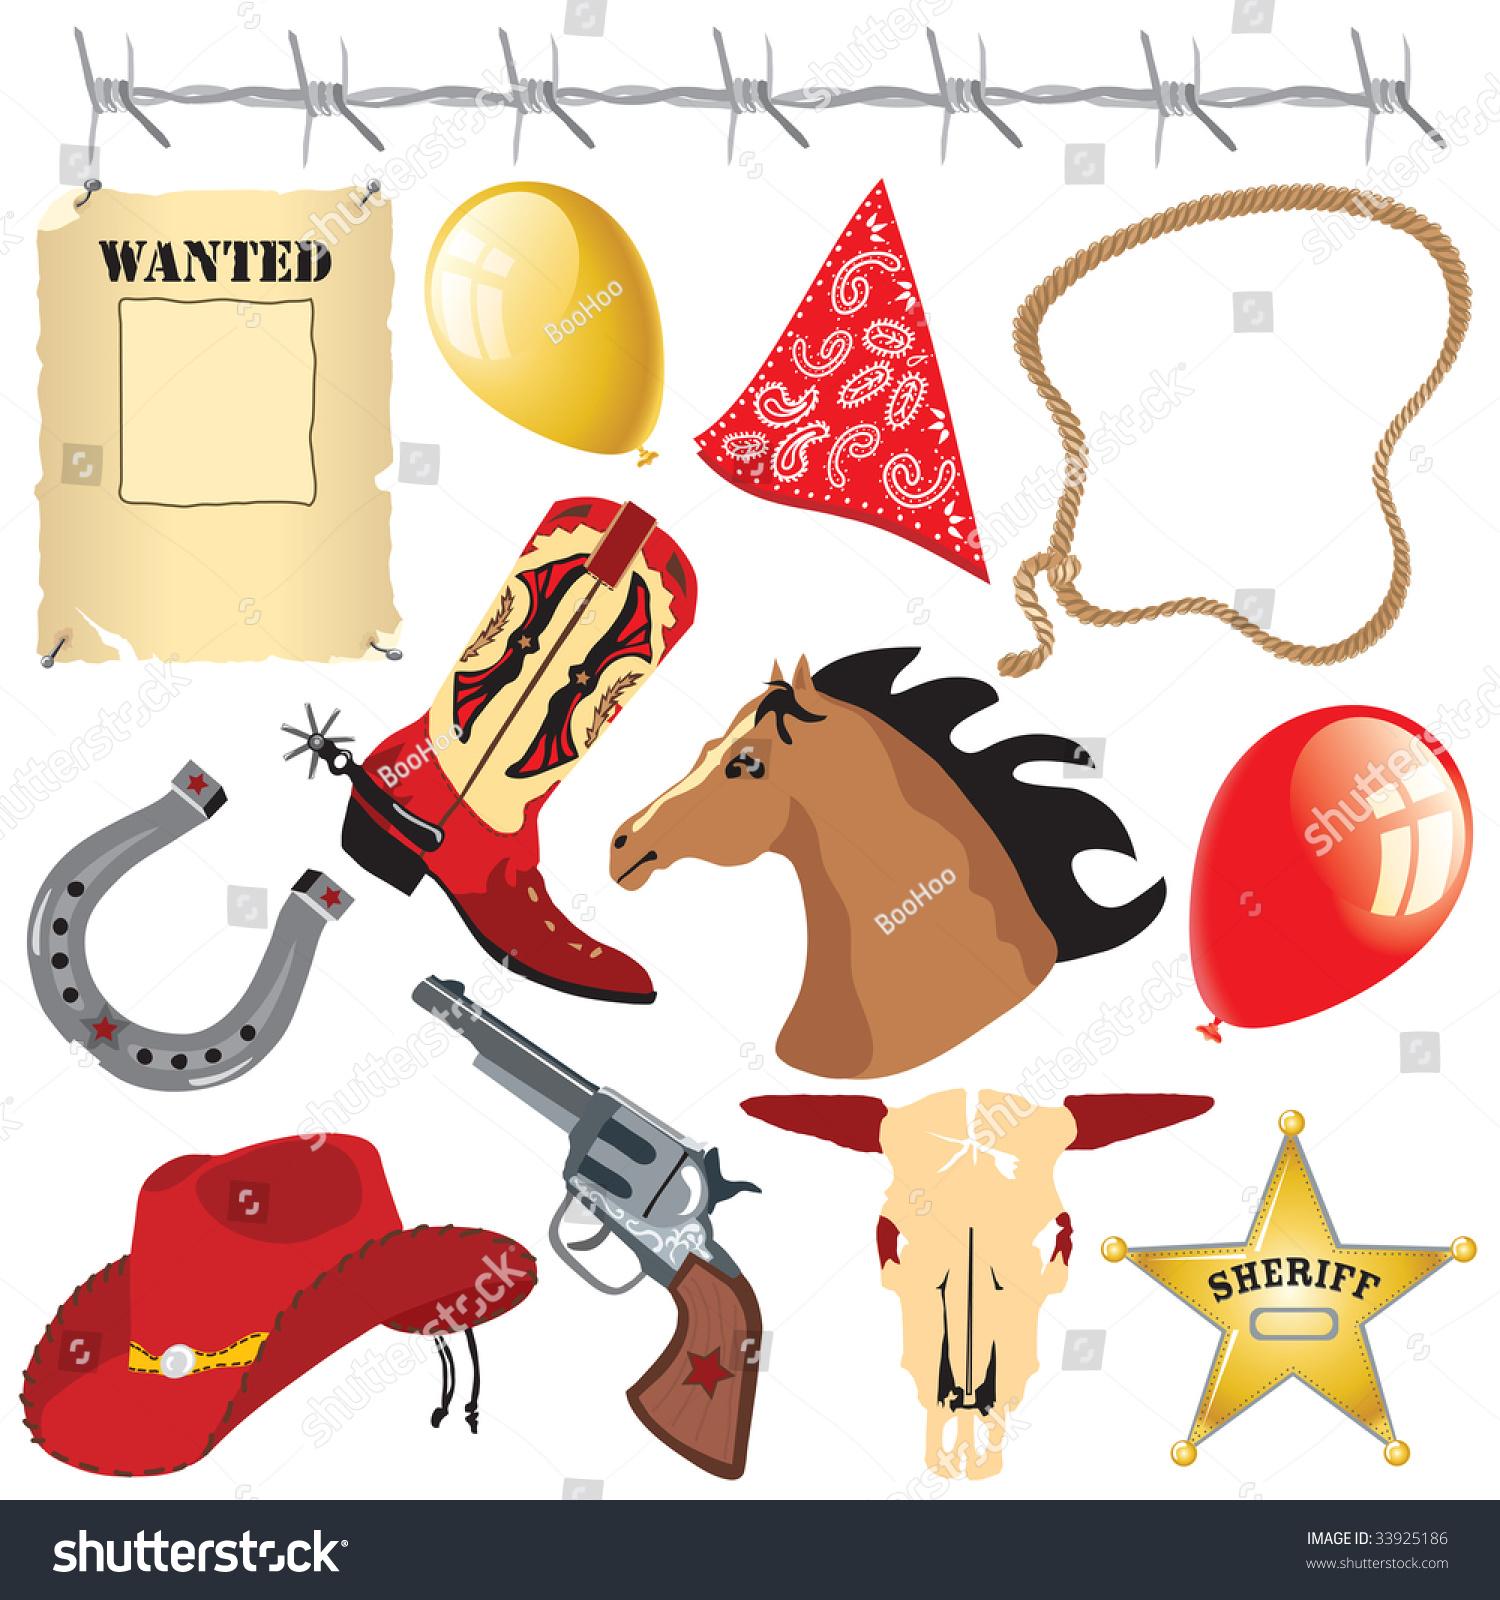 牛仔生日派对剪贴画-物体,插图/剪贴图-海洛创意()-合